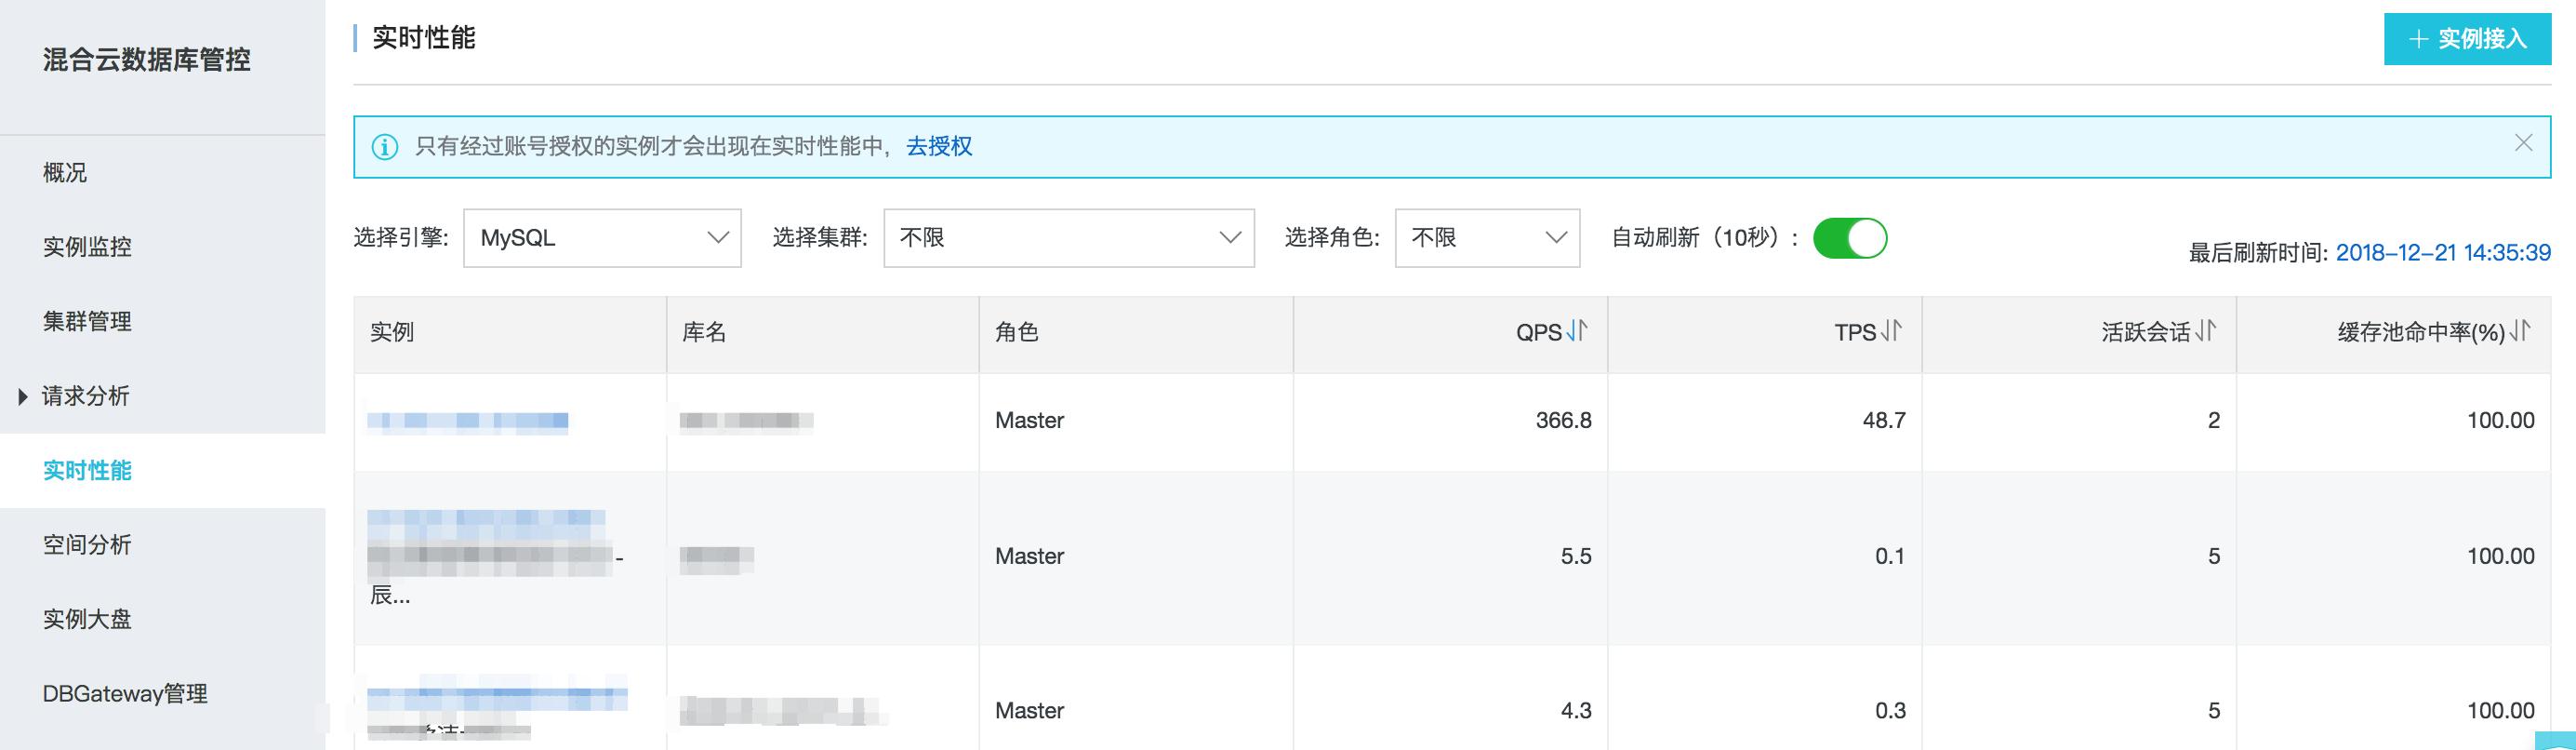 HDM_user_manual_230